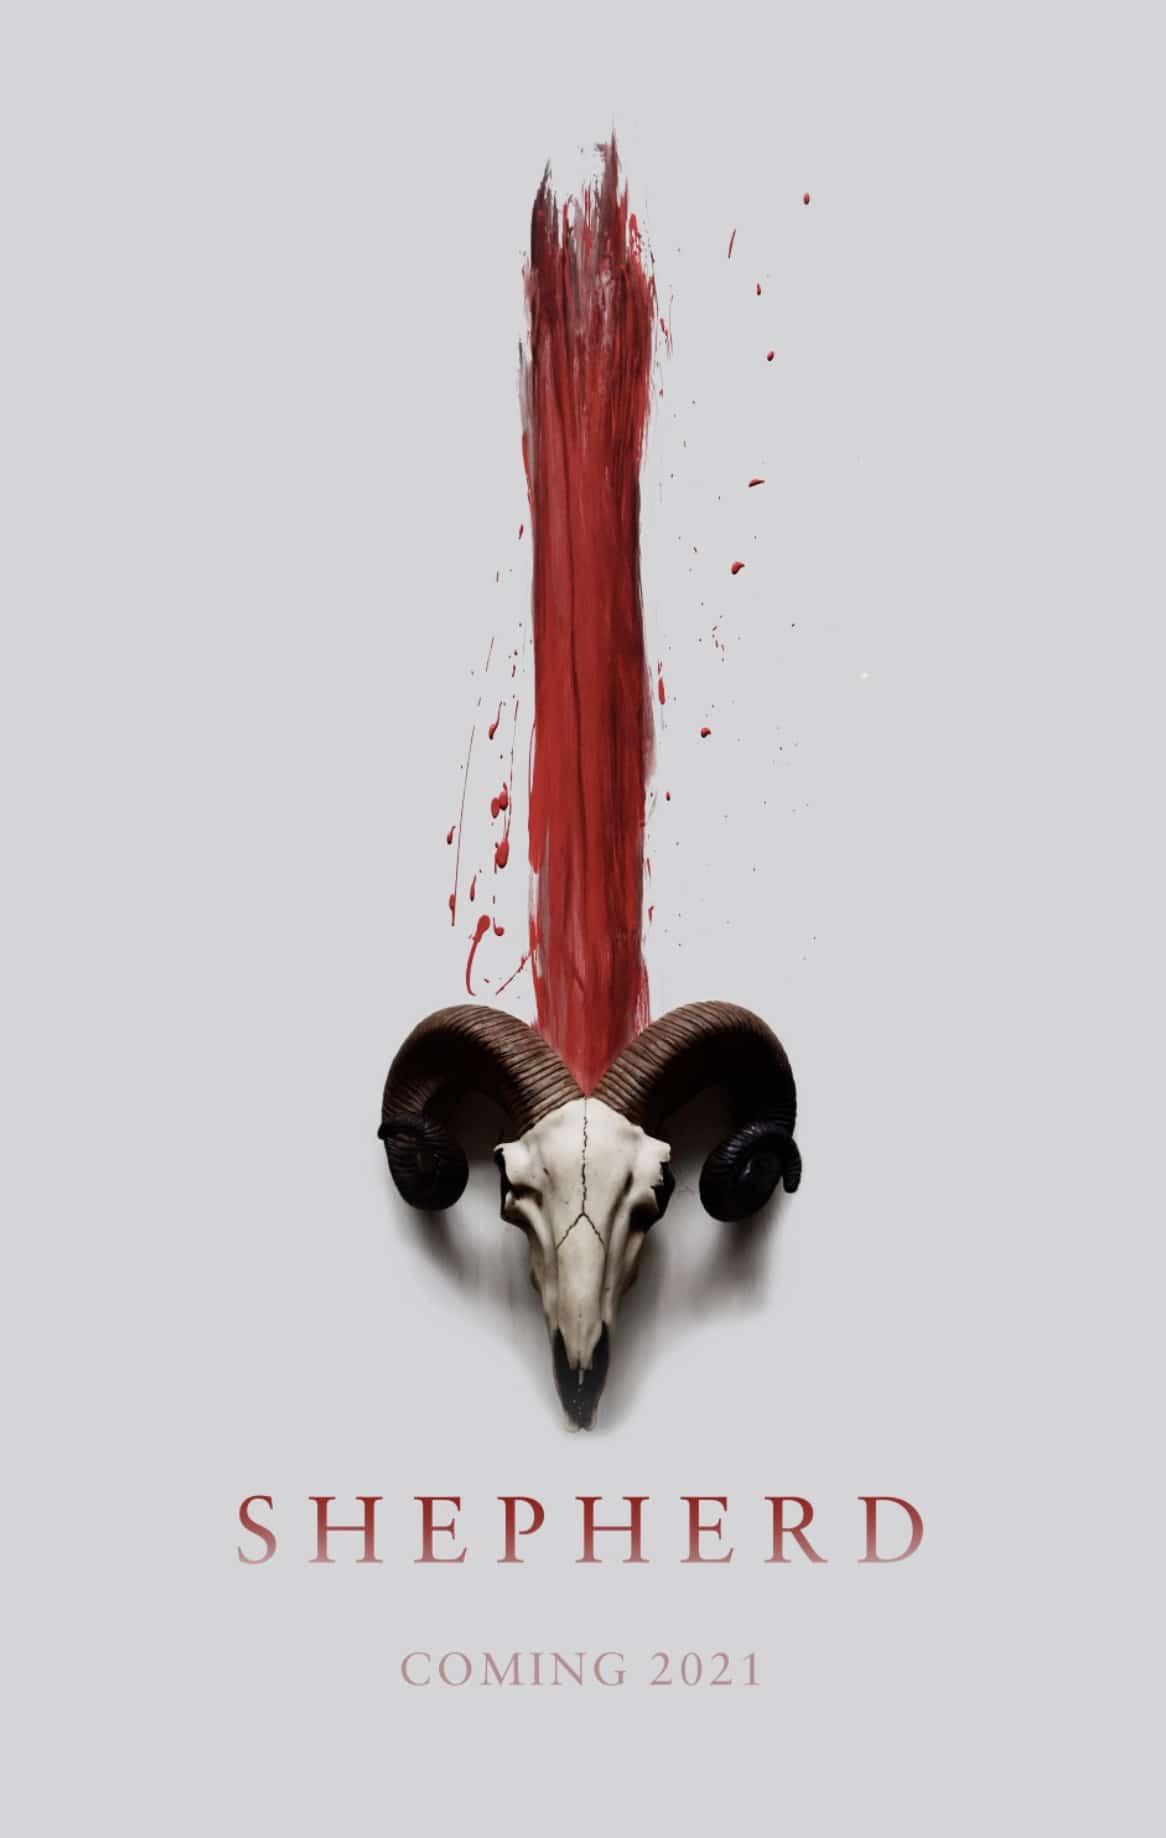 Shepherd – Teaser Poster 2